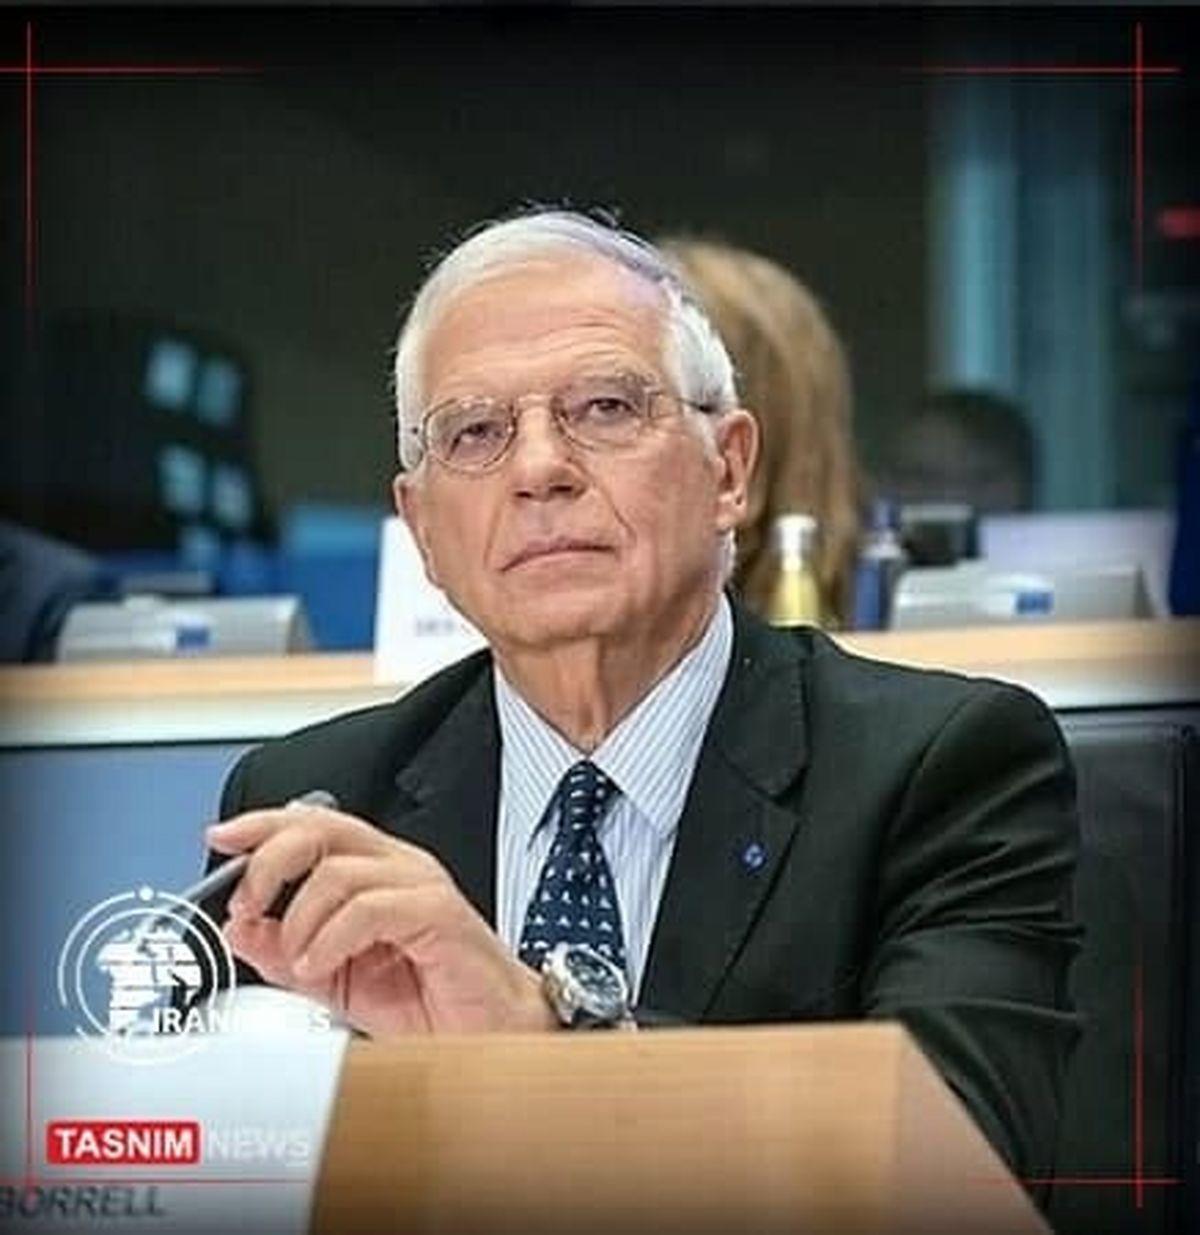 بورل: خواهان بازگشت ایران و رفع تحریمها هستیم